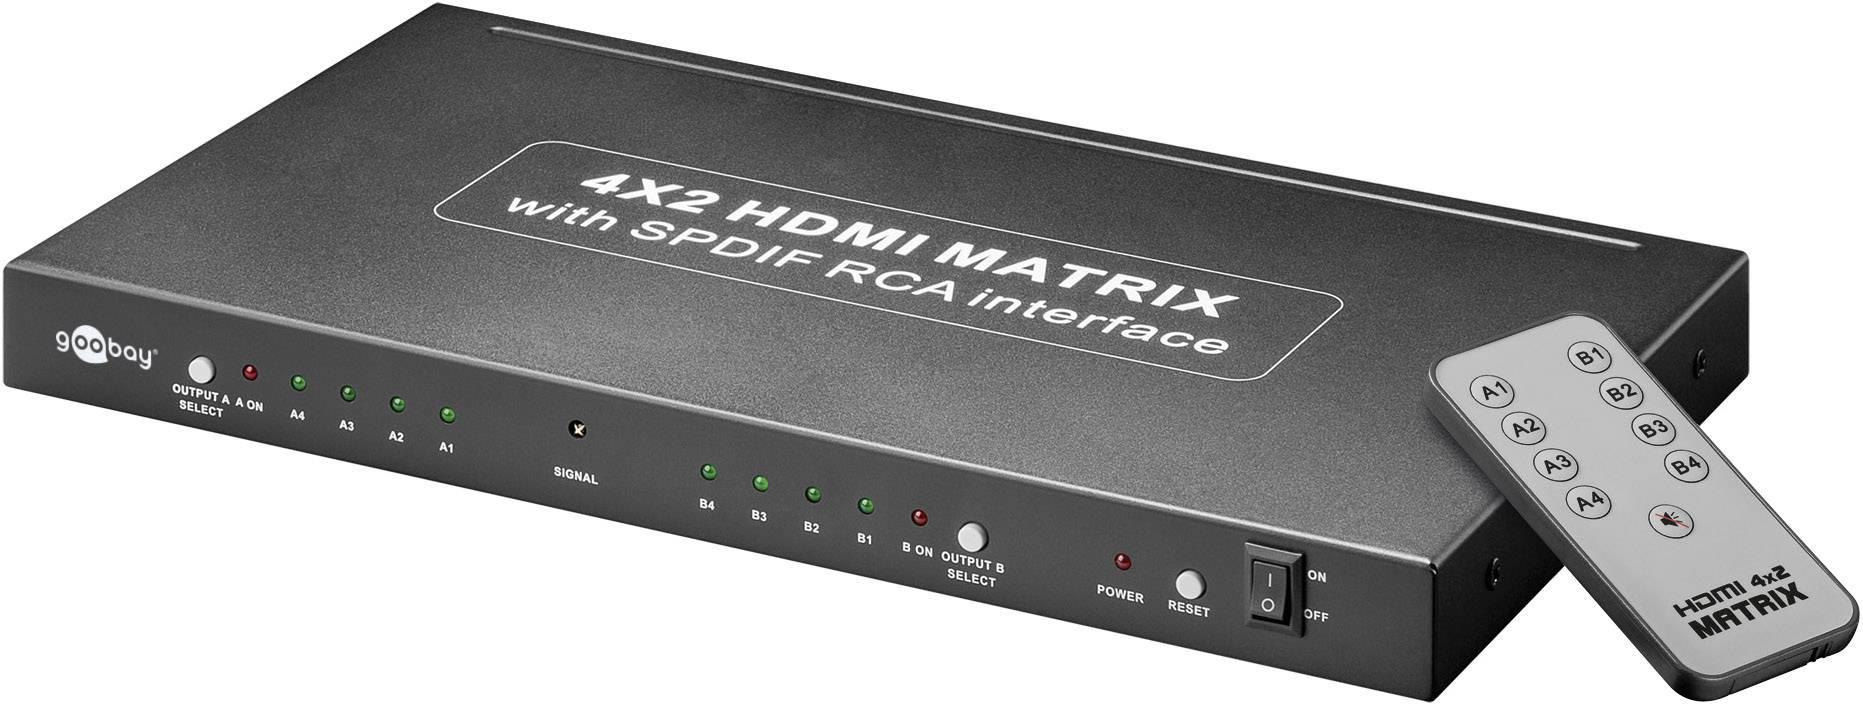 goobay avs  Goobay AVS 45 4 ports HDMI matrix splitter + remote control 3840 x ...